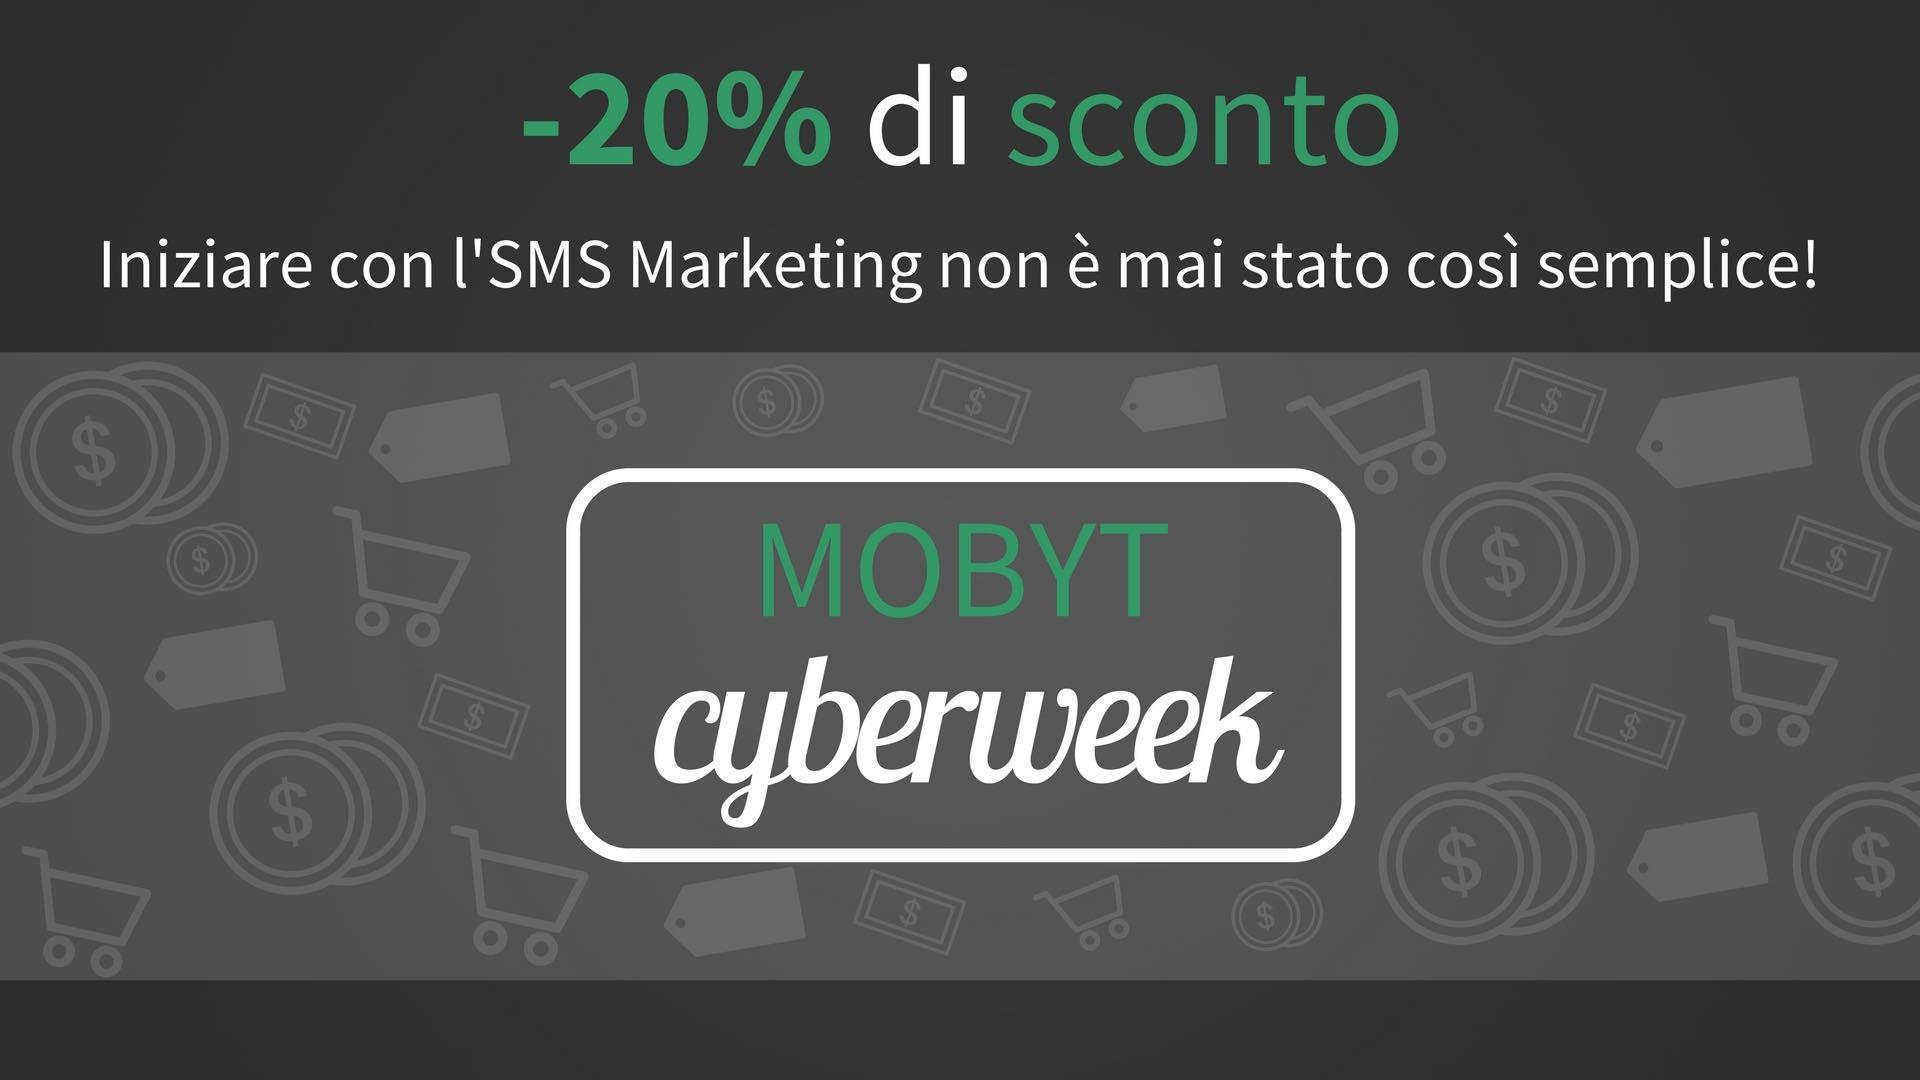 Cyber Week Mobyt - promo 20